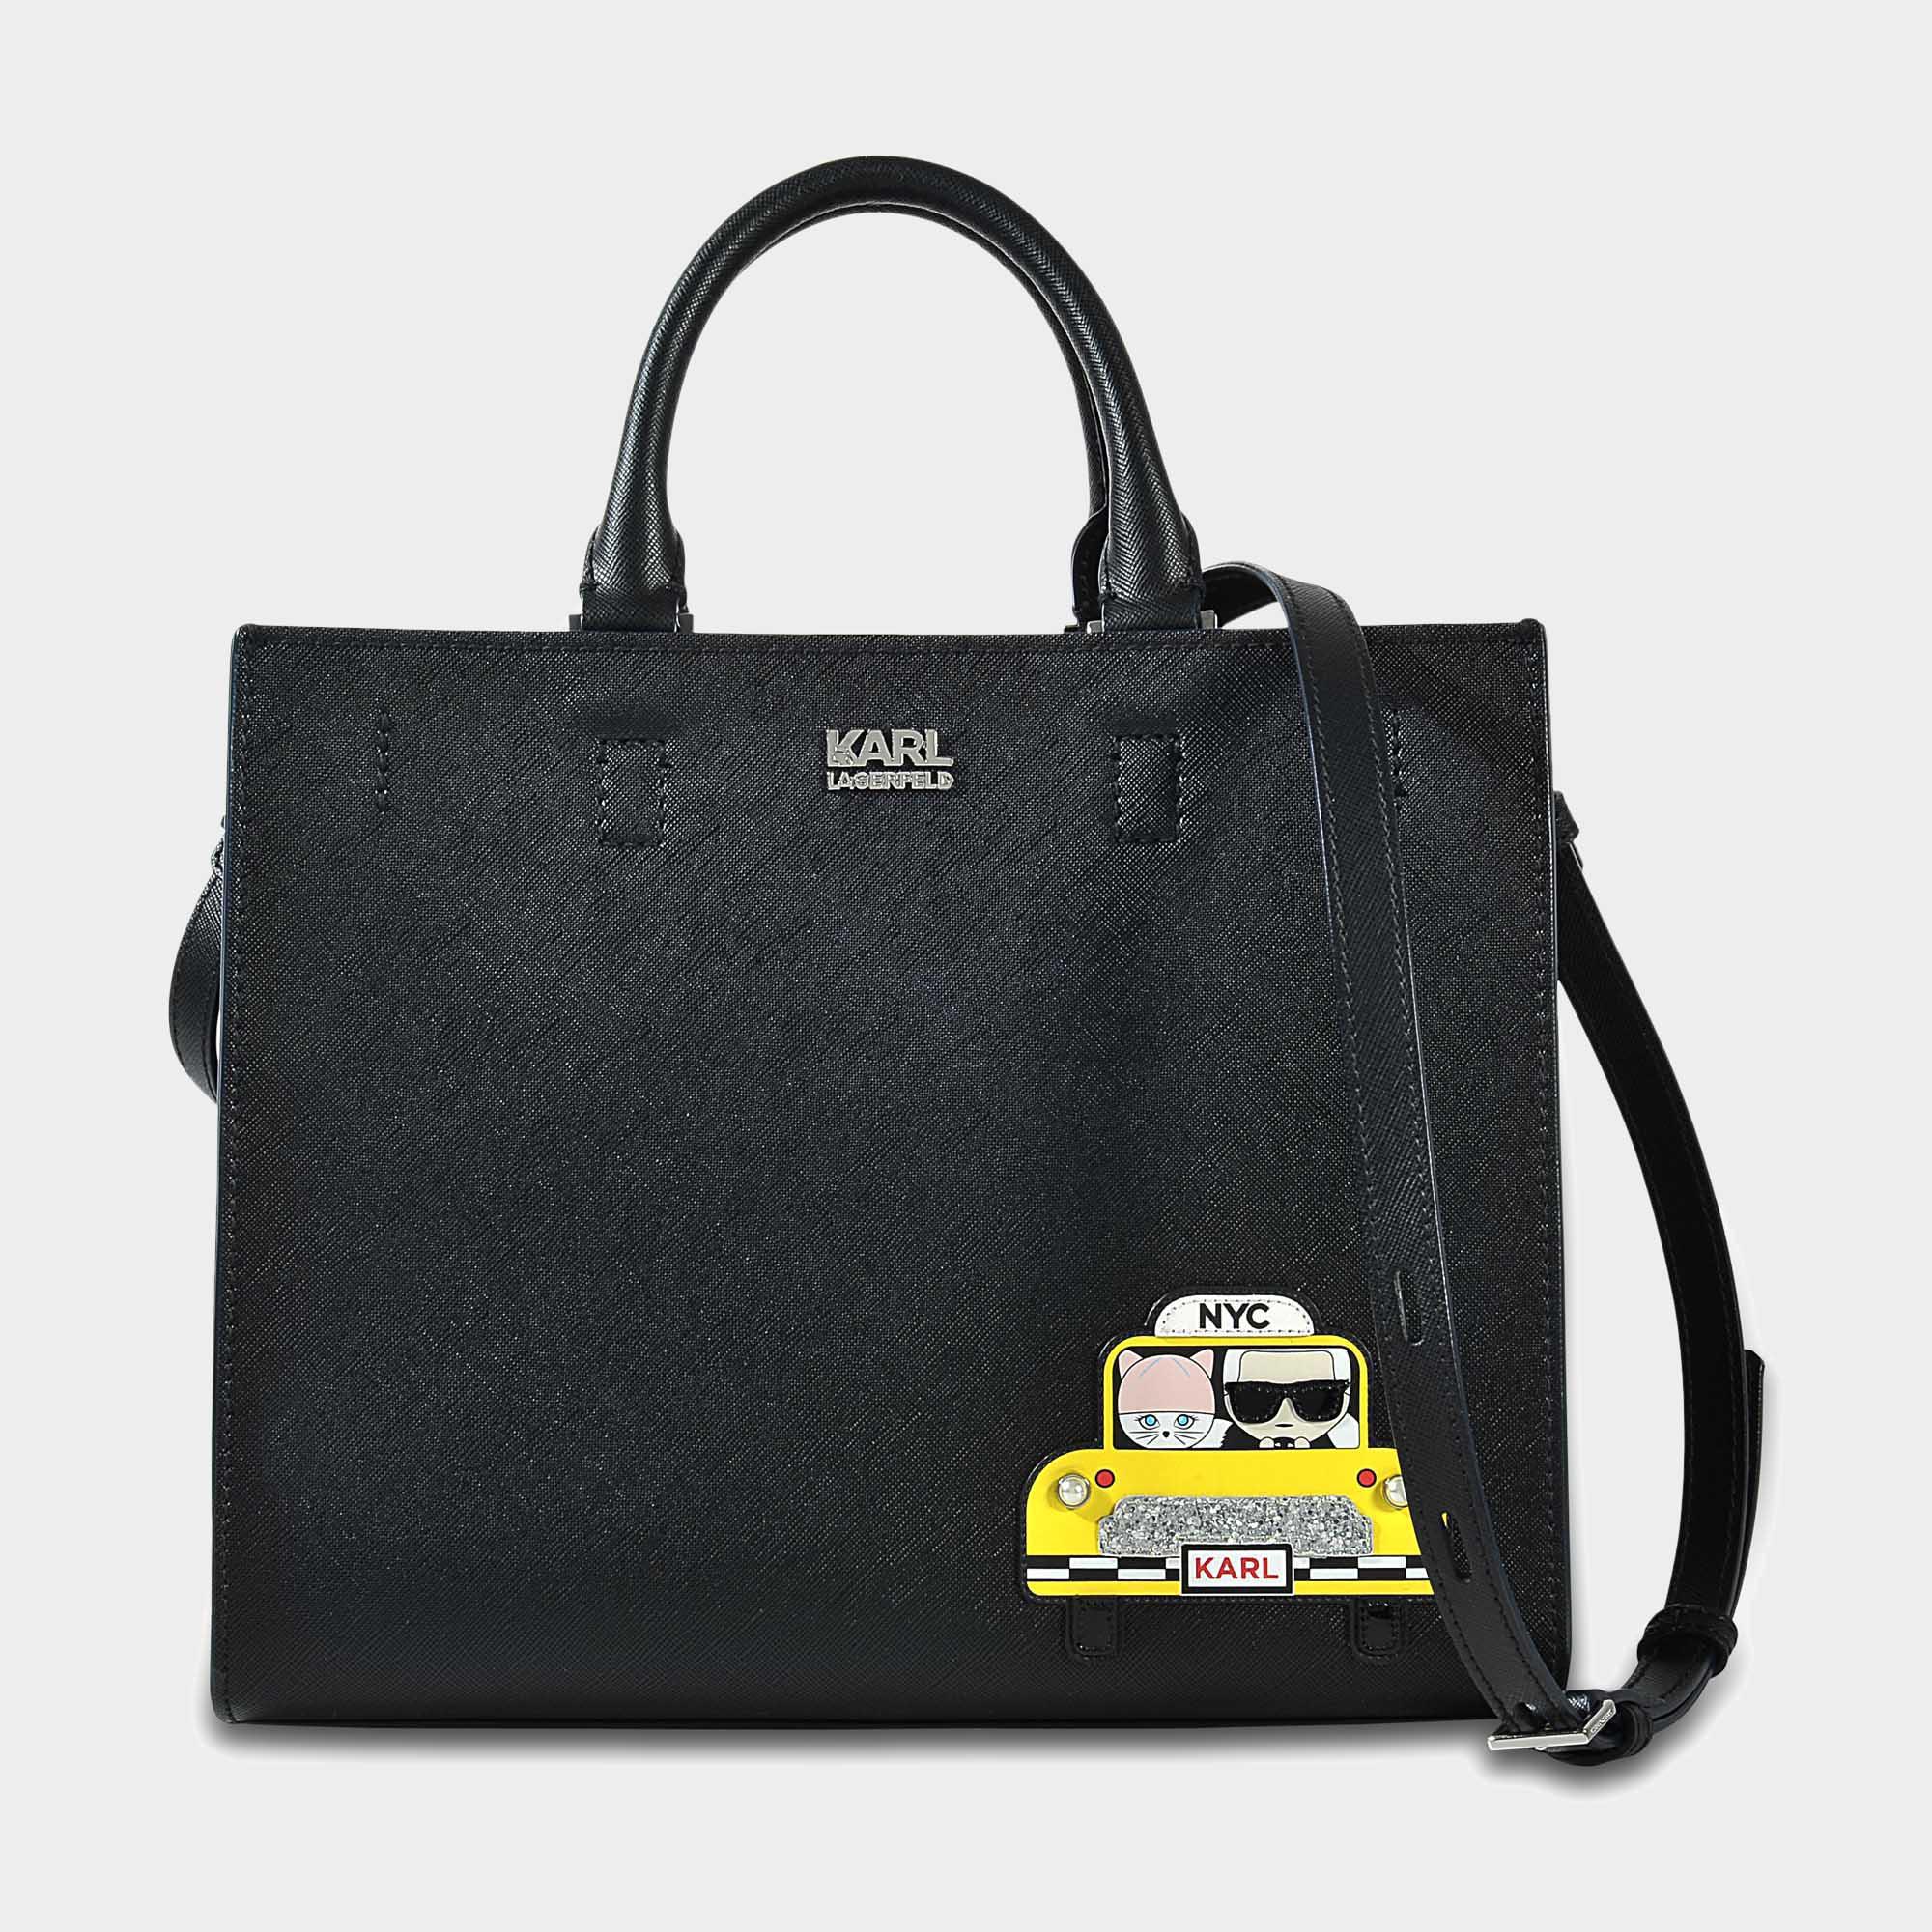 Noir Nyc Sac Cuir Saffiano Mini Cabas En Karl Lagerfeld kNw0O8nPXZ